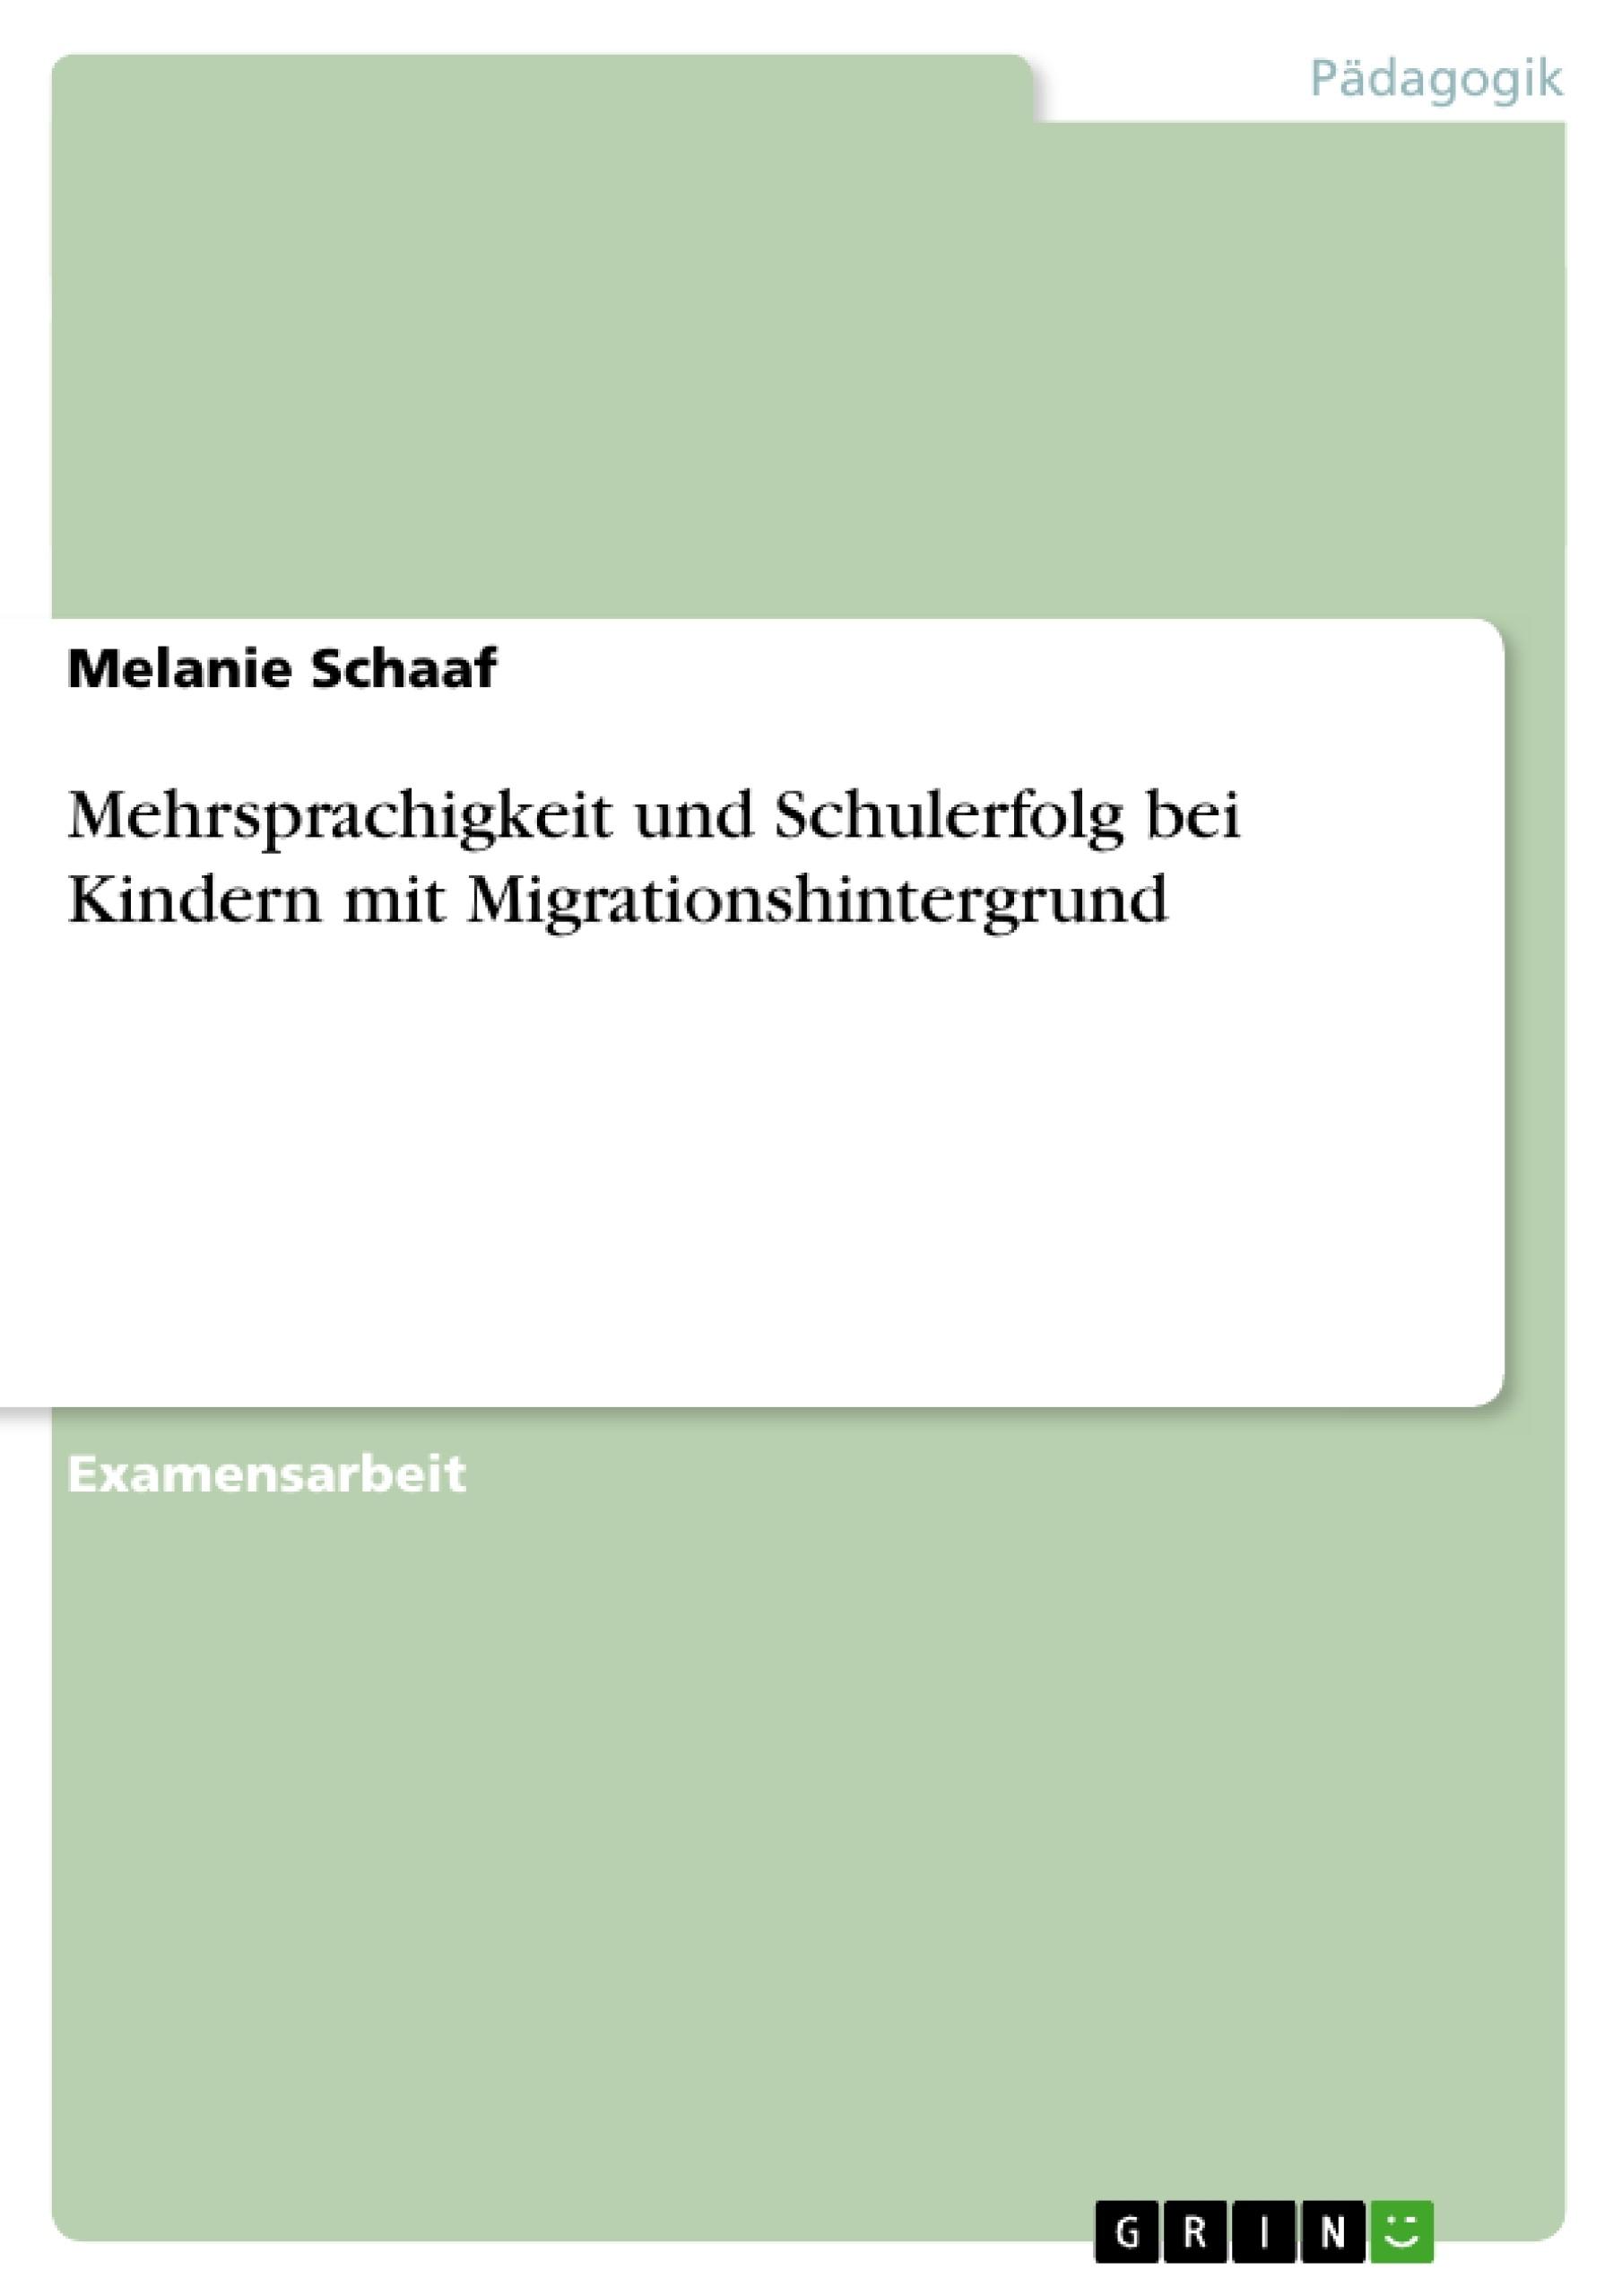 Titel: Mehrsprachigkeit und Schulerfolg bei Kindern mit Migrationshintergrund